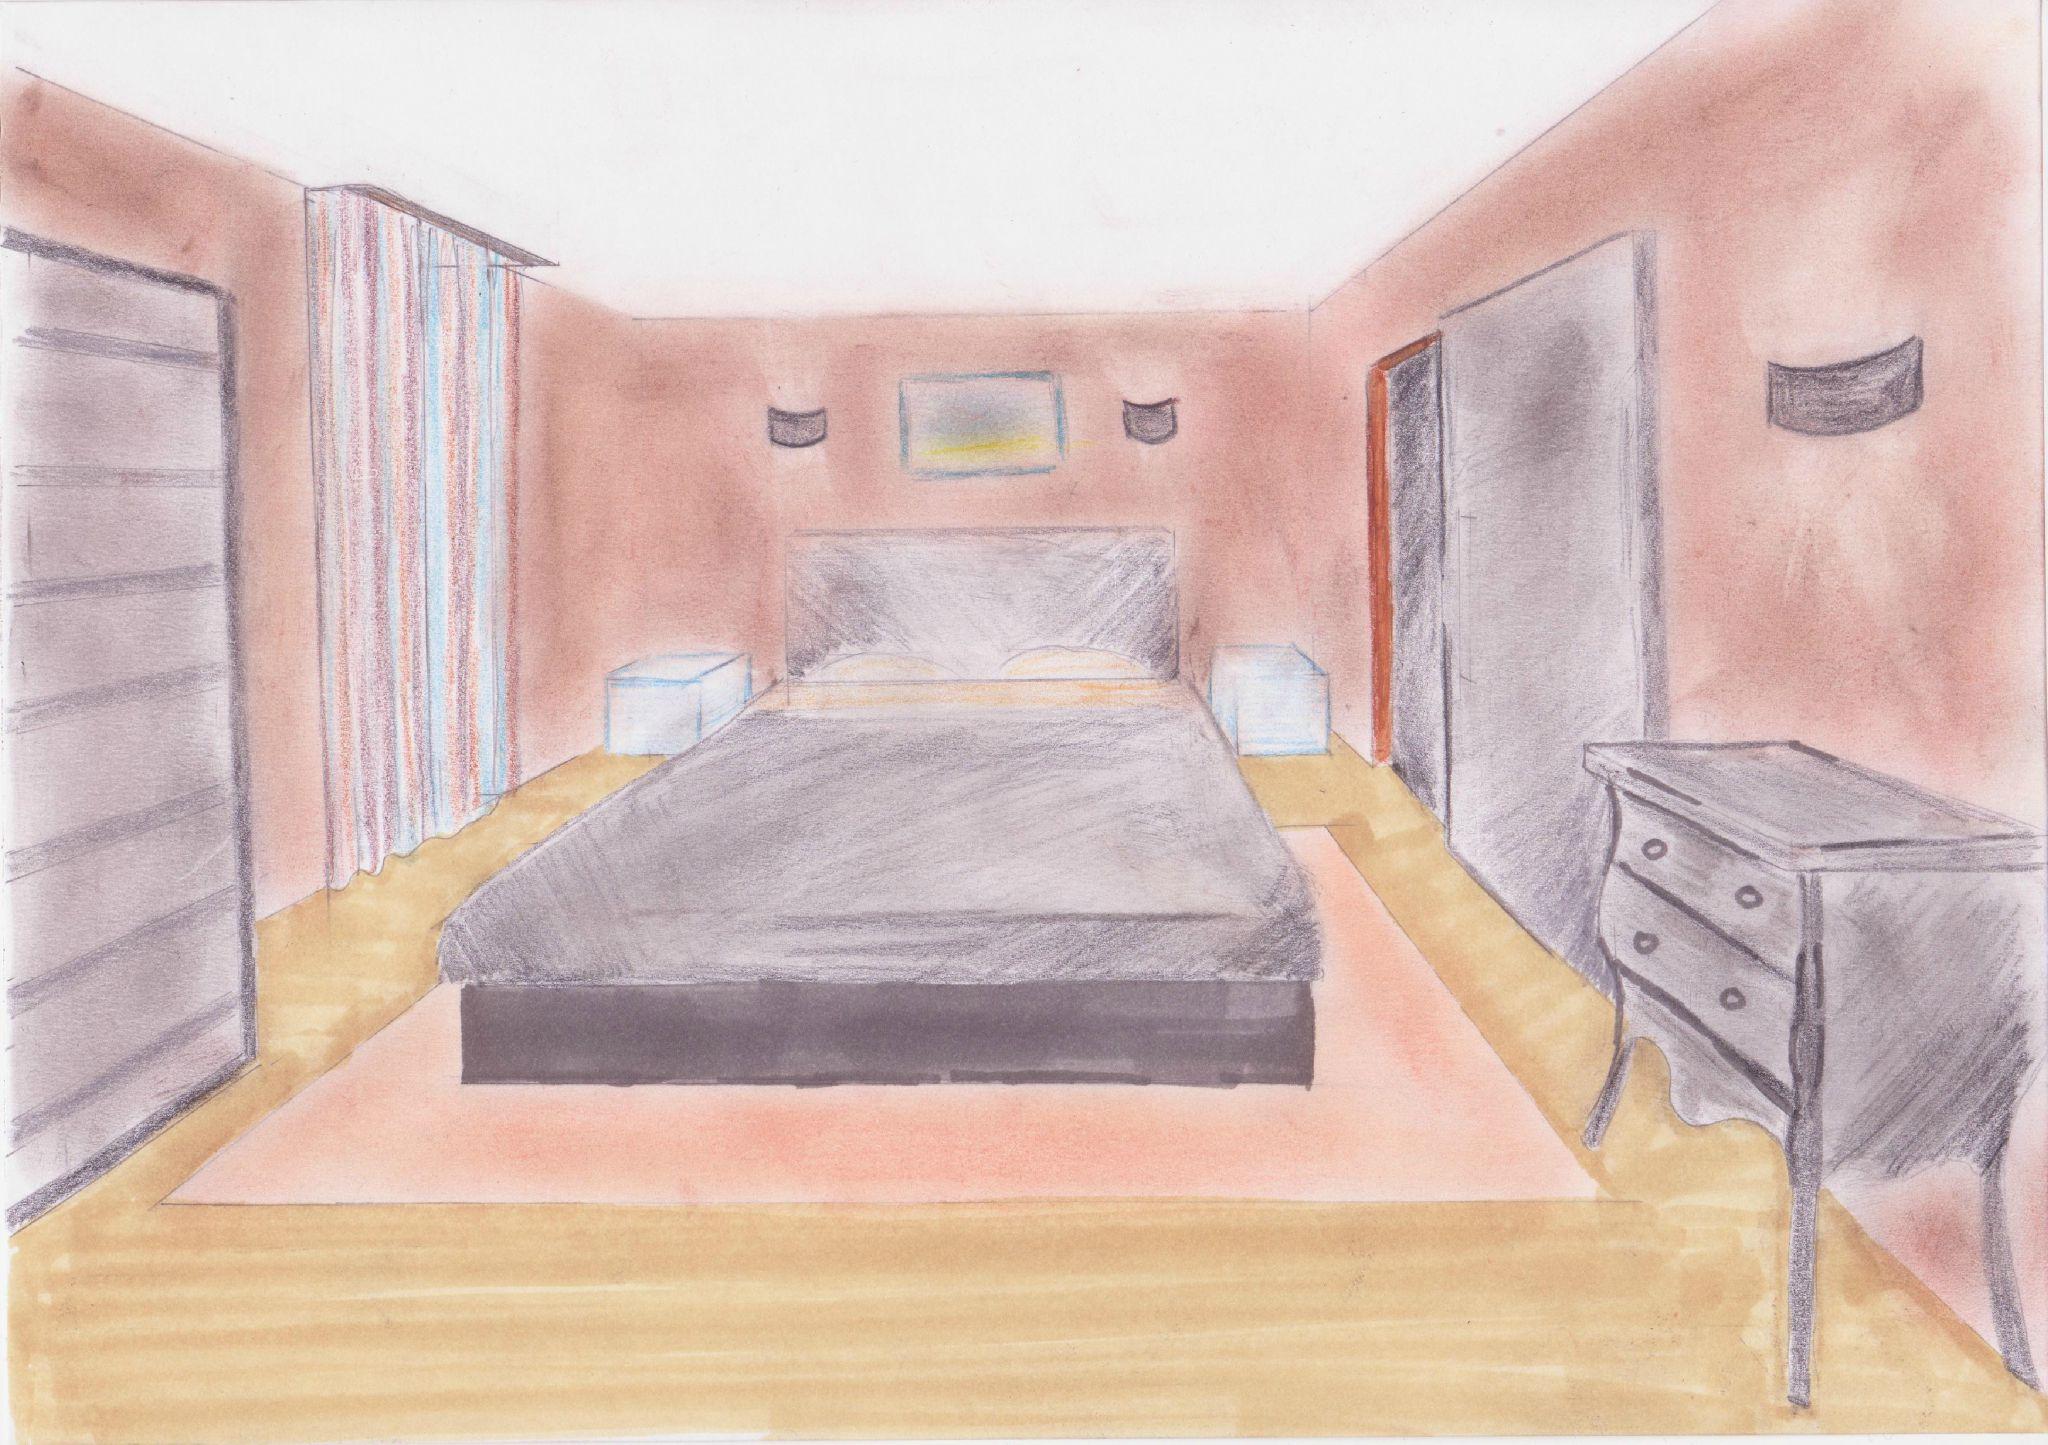 Chambre Moderne En Perspective Comment Dessiner Une